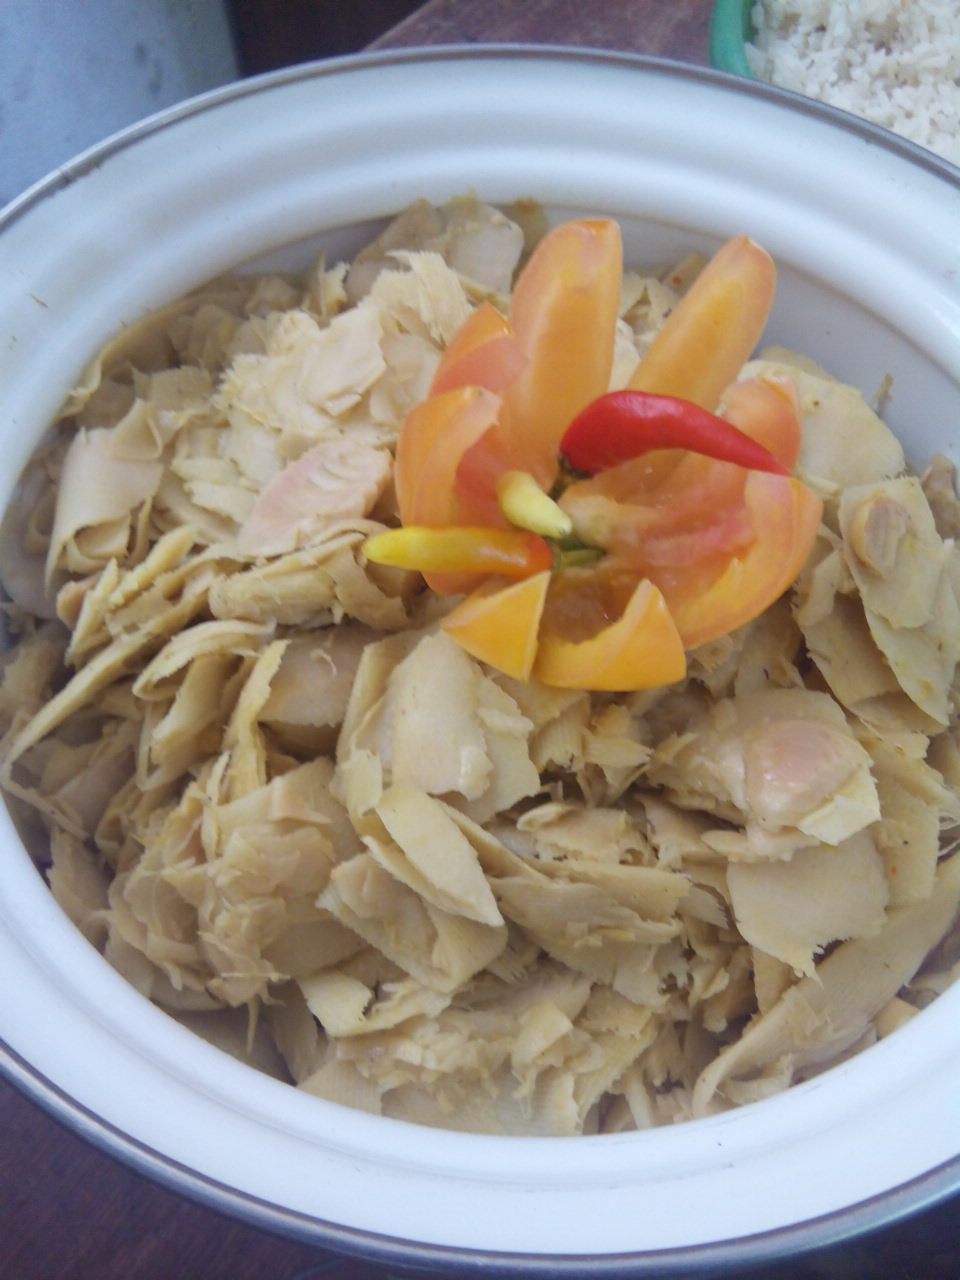 Kumpulan Aneka Resep Masakan Nusantara Sederhana